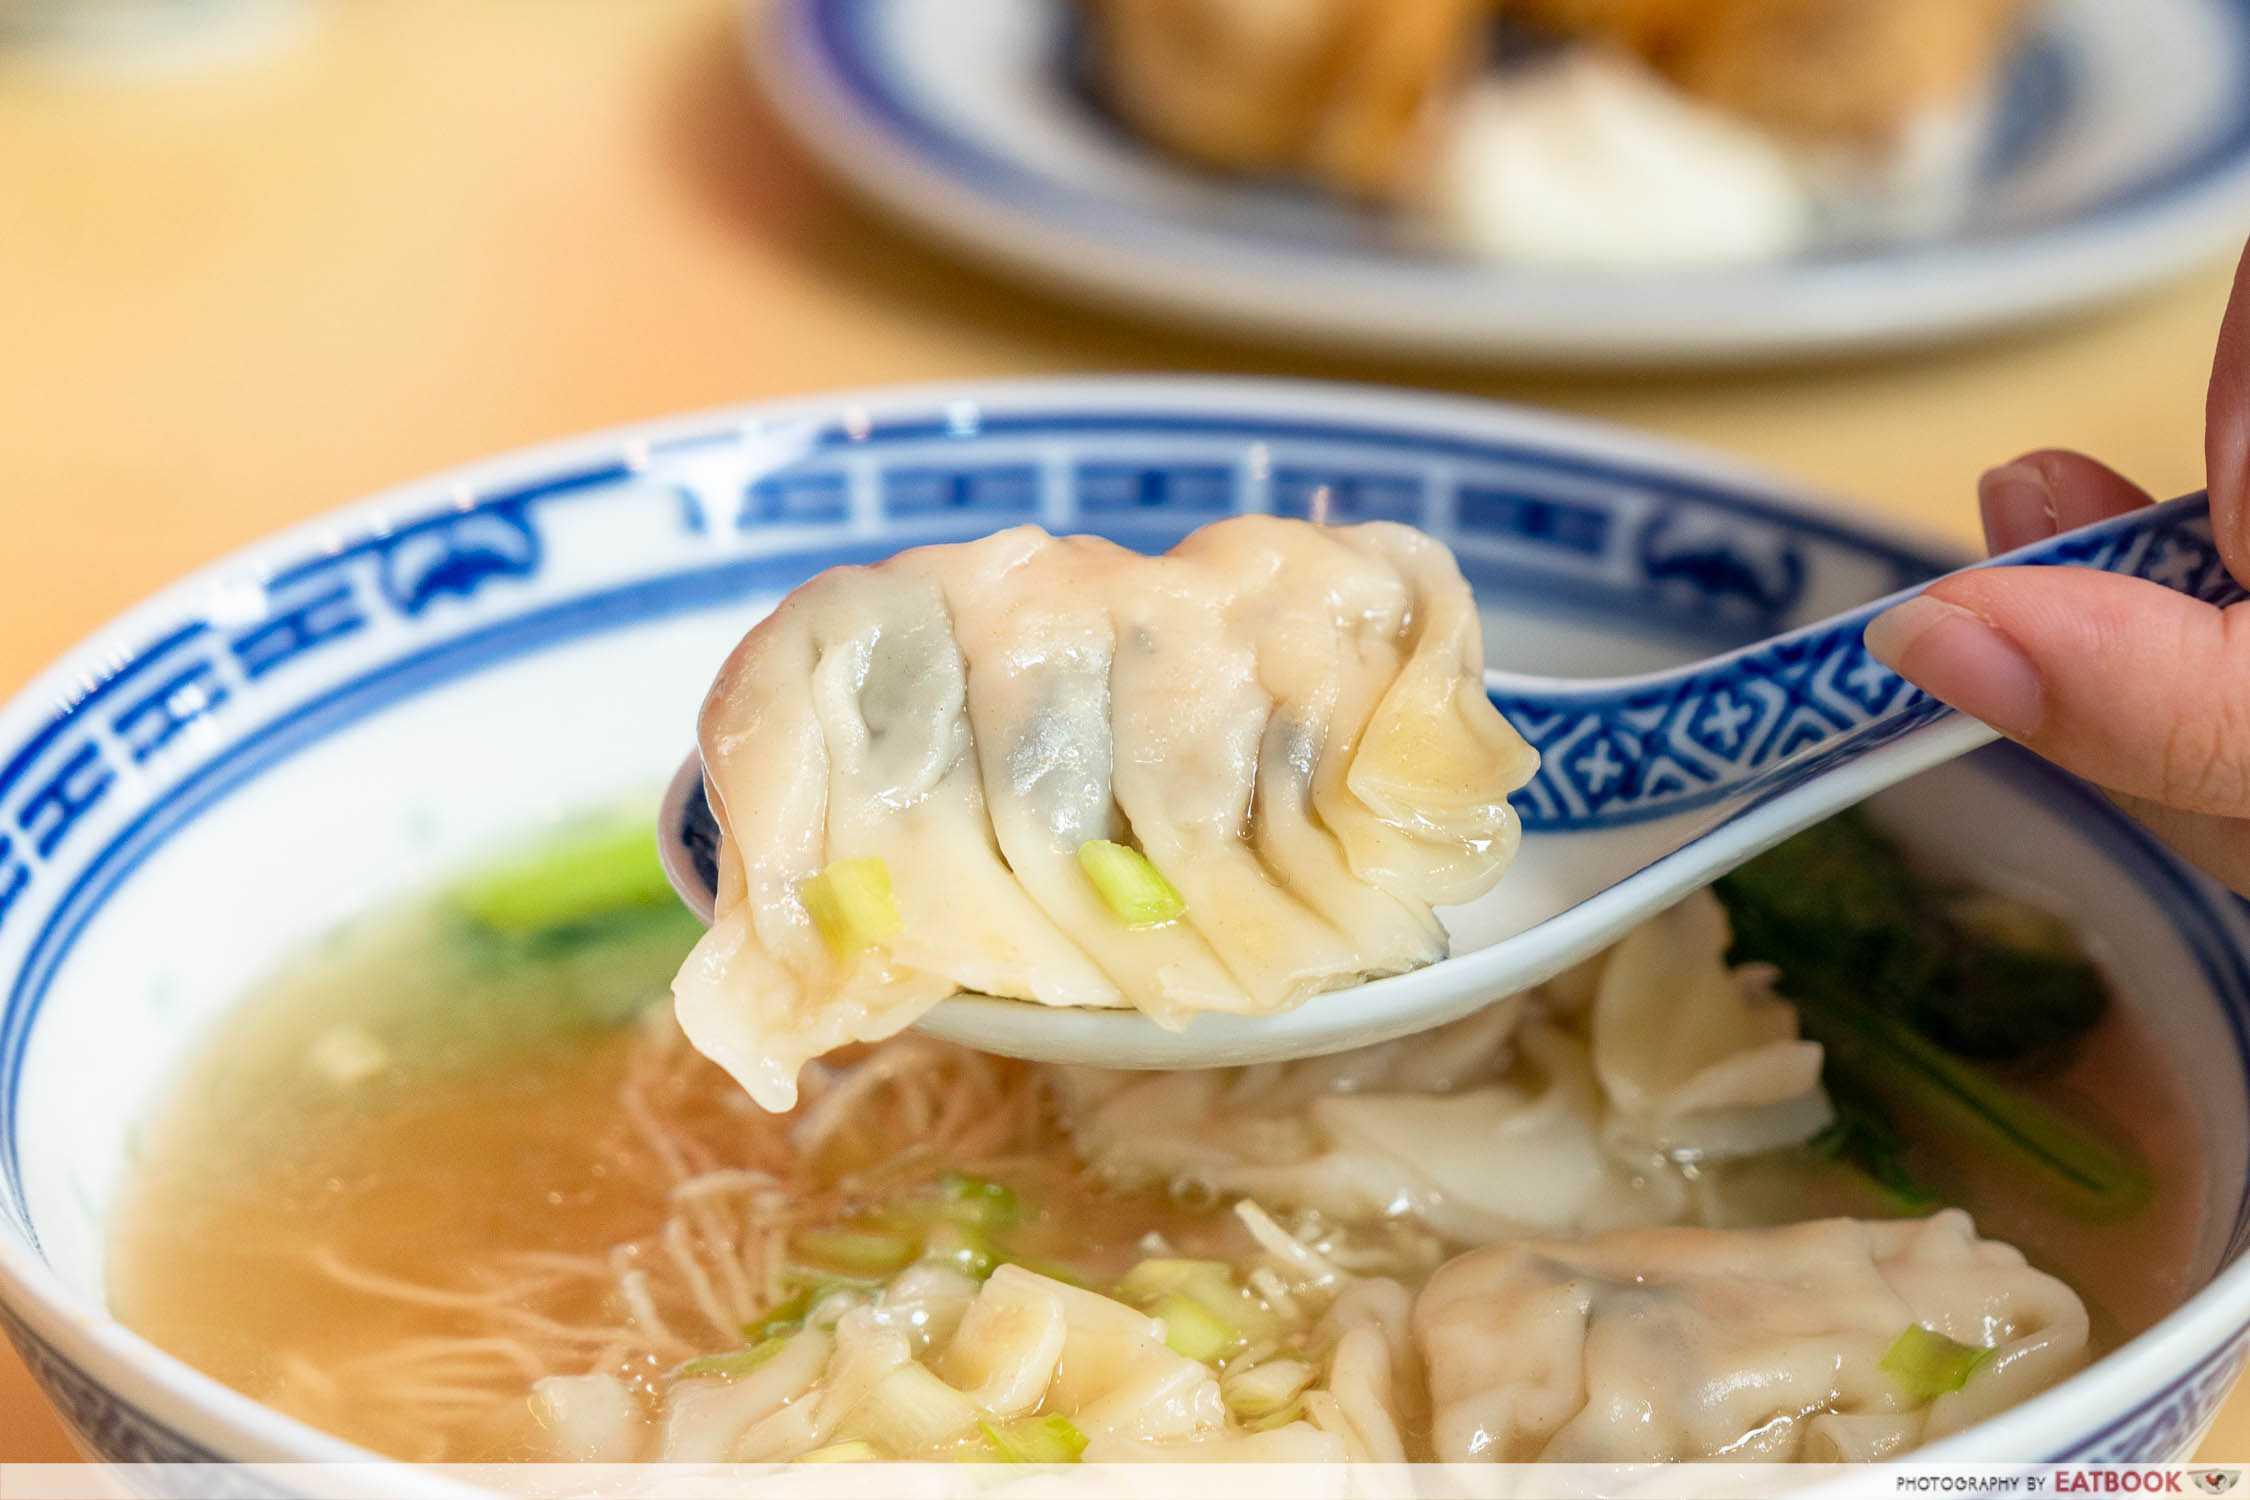 chef kin hk wanton noodle hk dumpling noodle soup detail shot of dumpling